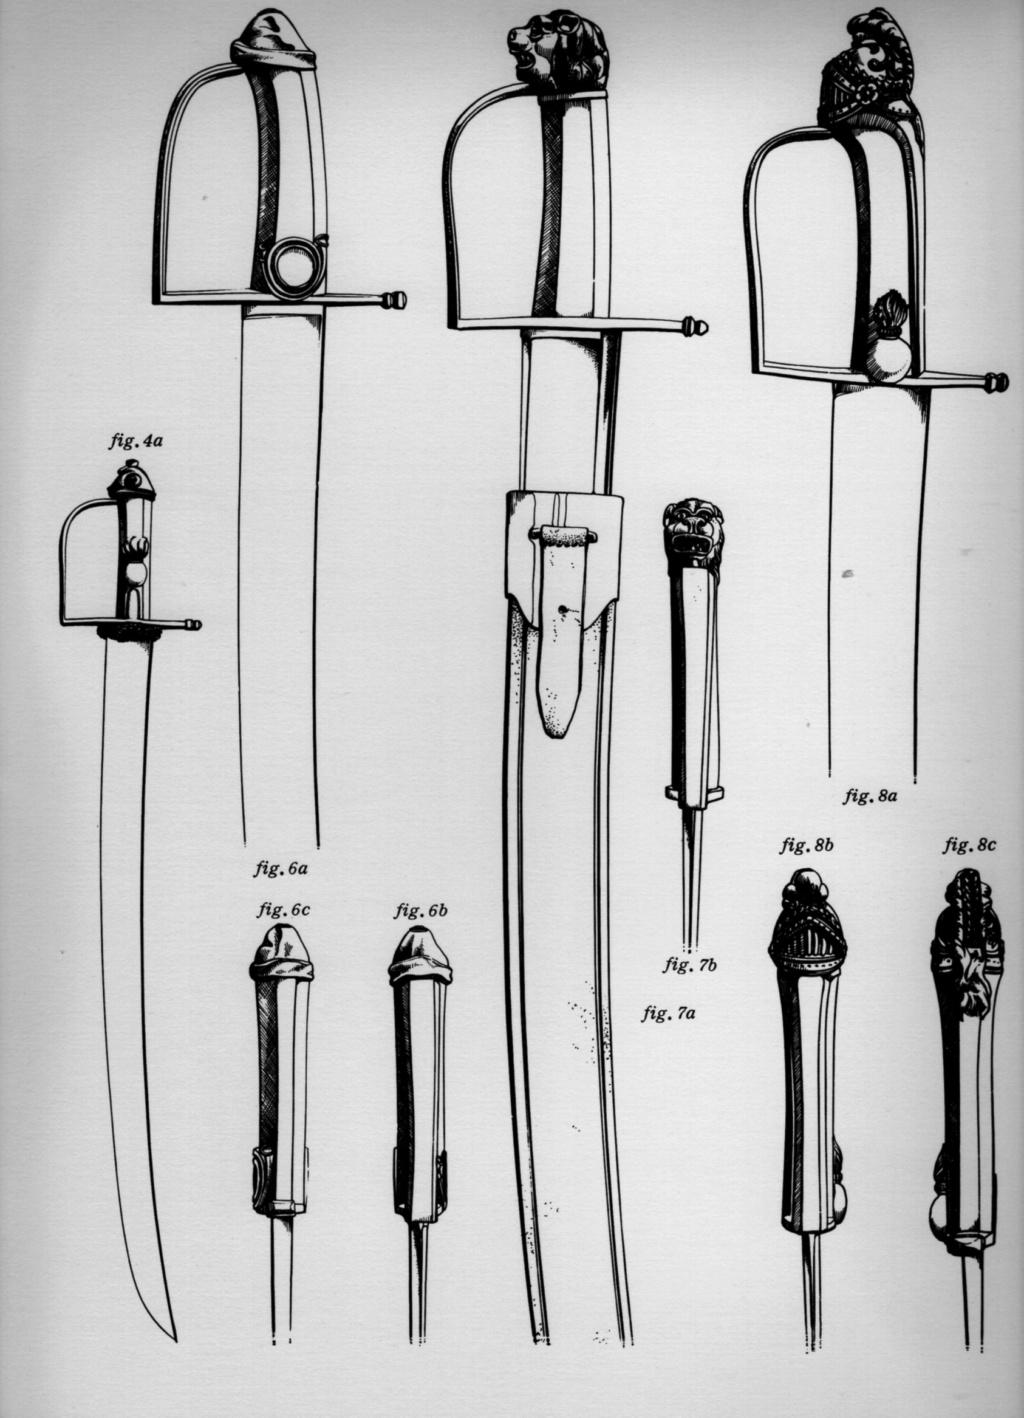 Les sabres briquets 1ère partie : les modèles 1767 et 1790 - Page 2 Xvi_610